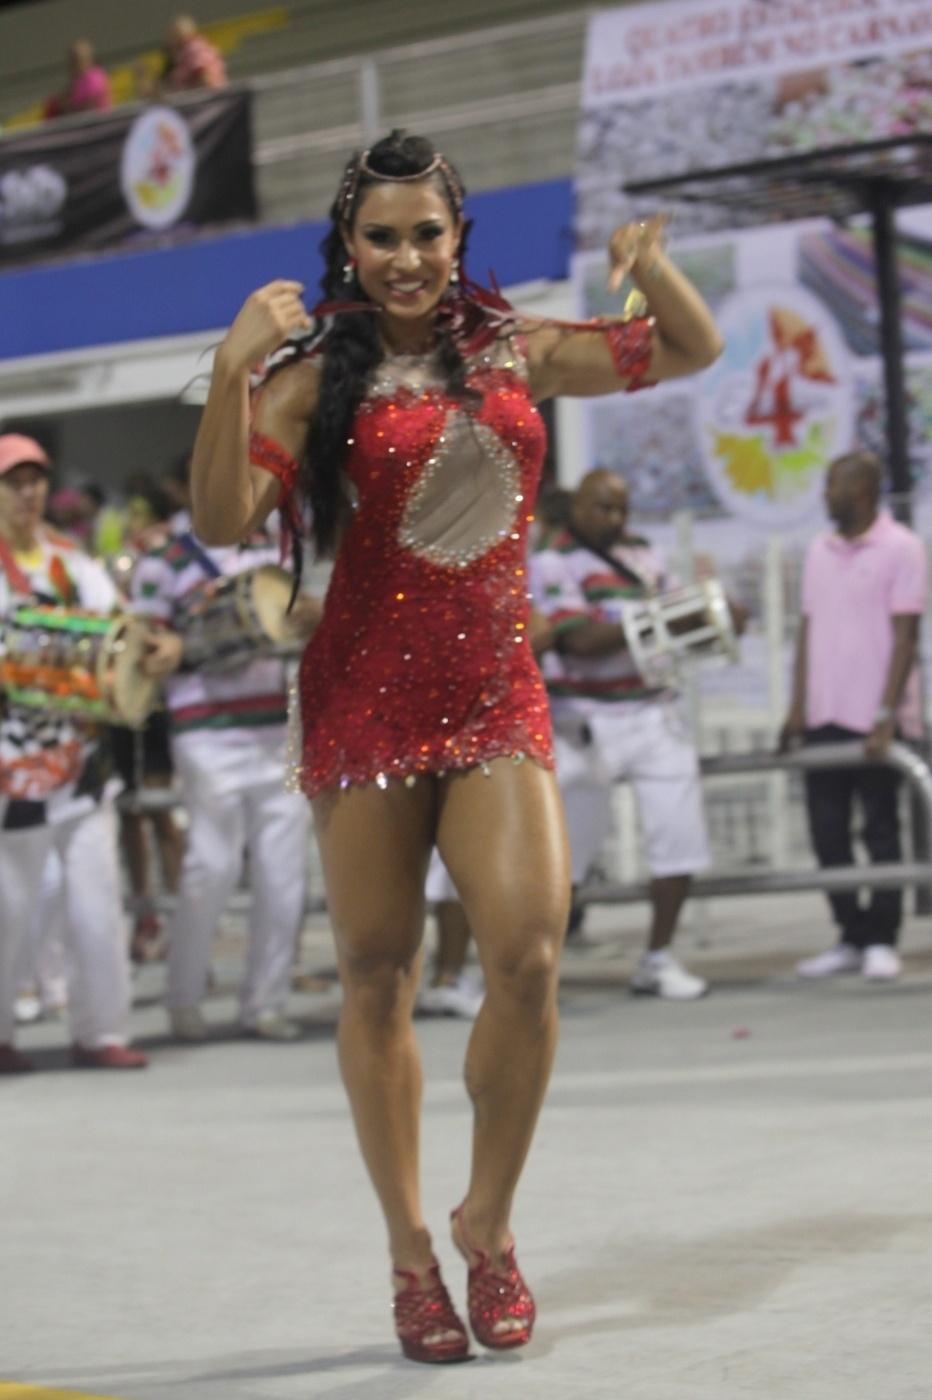 19.jan.2014 - Gracyanne Barbosa exibe seu corpo sarado no ensaio da X-9 Paulistana. A mulher do cantor Belo, que é rainha de bateria da escola de samba, mais uma vez chamou atenção ao mostrar o seu corpo musculoso no ensaio realizado no Anhembi, na madrugada deste domingo (19), em São Paulo